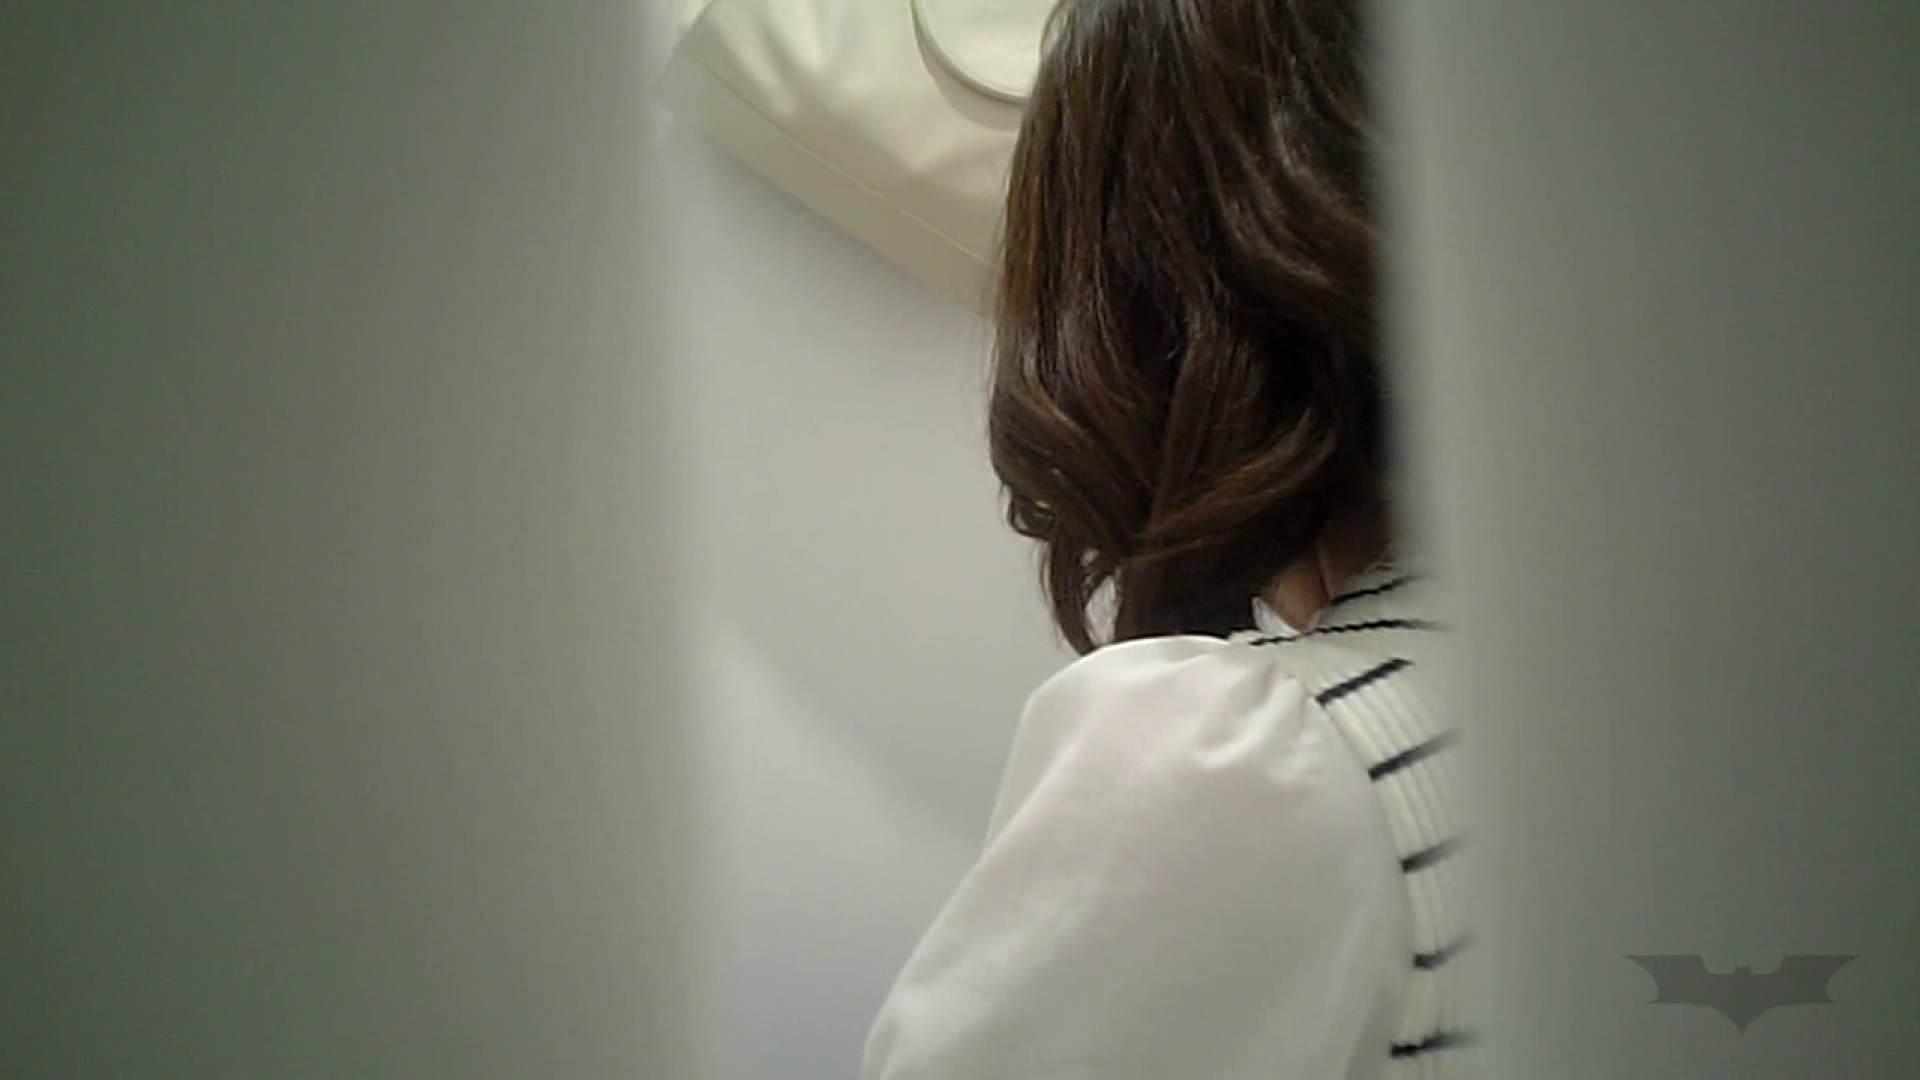 有名大学女性洗面所 vol.37 ついでにアンダーヘアーの状態確認ですね。 排泄 ワレメ動画紹介 76枚 71